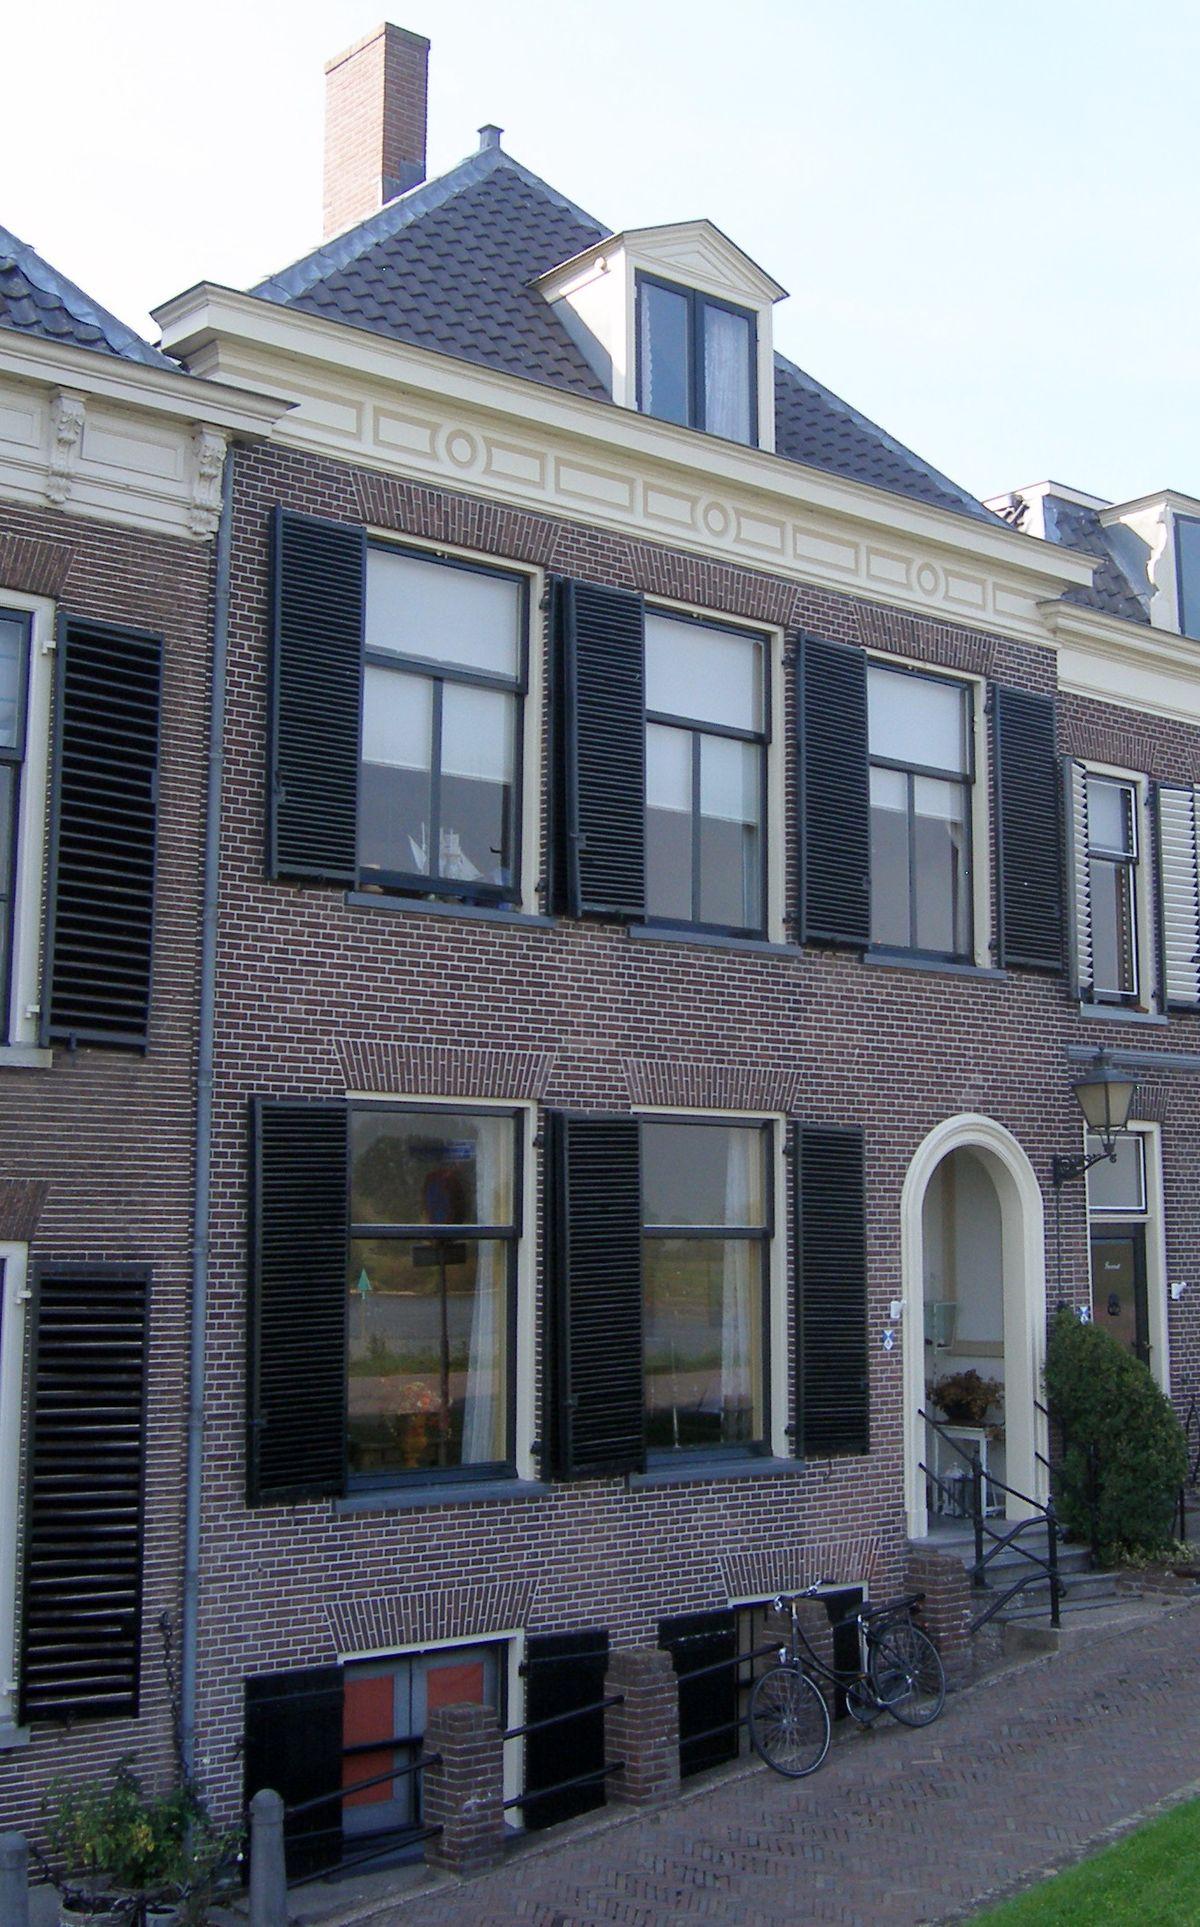 ameide met schilddak dakvenster verdieping fronton waarin parterre souterrain huis bestaande uit voorstraat wikipedia